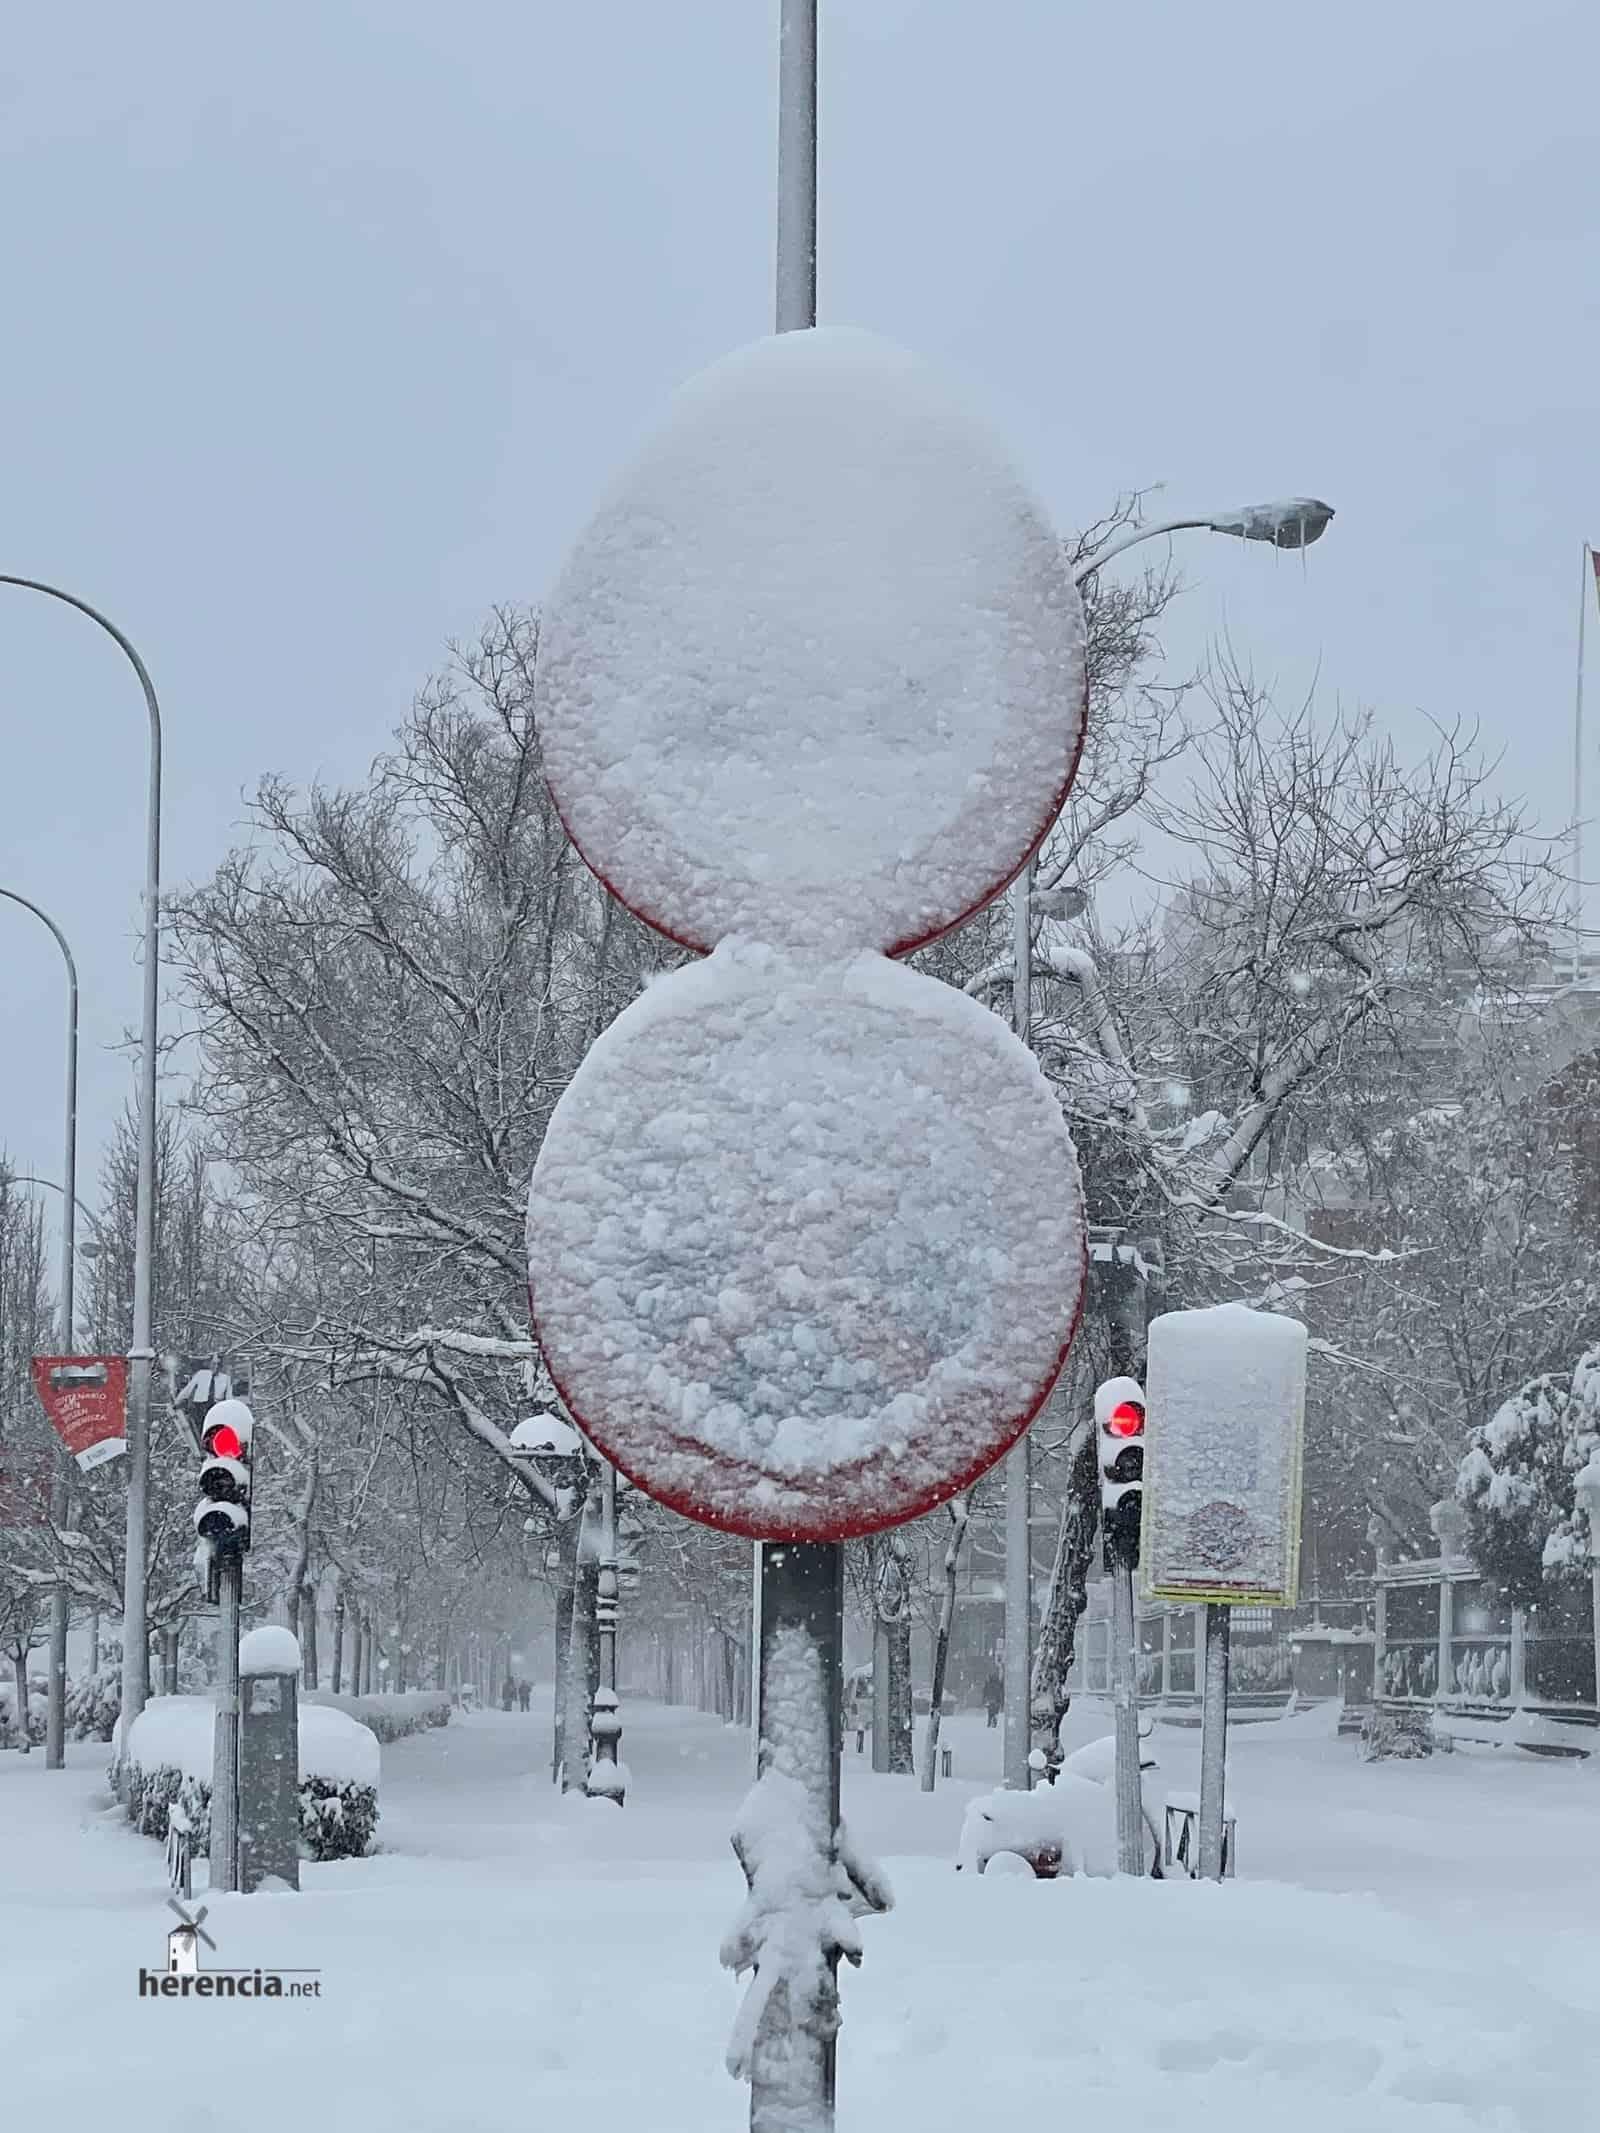 Fotografías de la nevada de enero en Madrid (España) 217